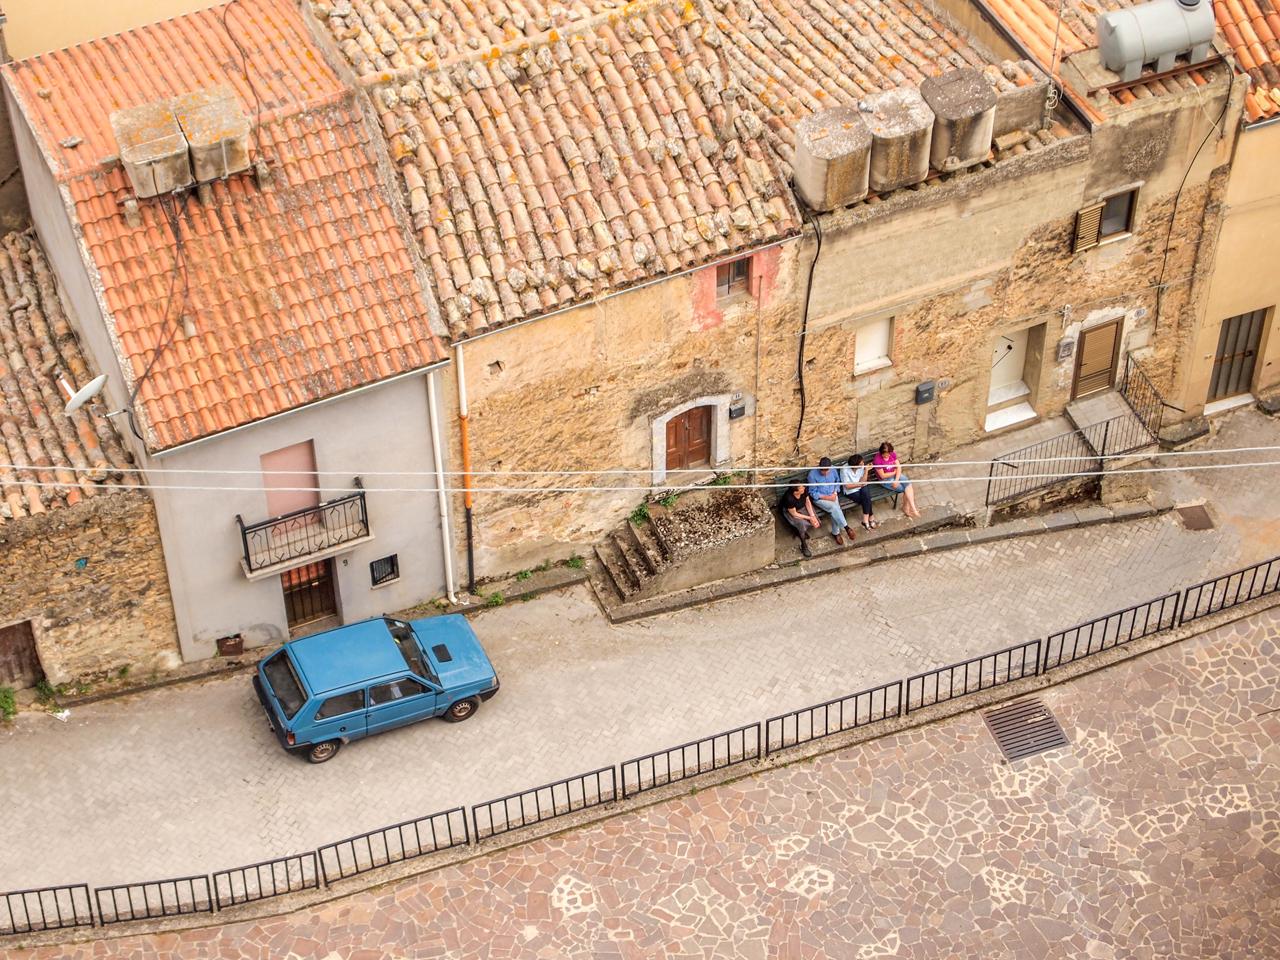 Street scene in Sperlinga